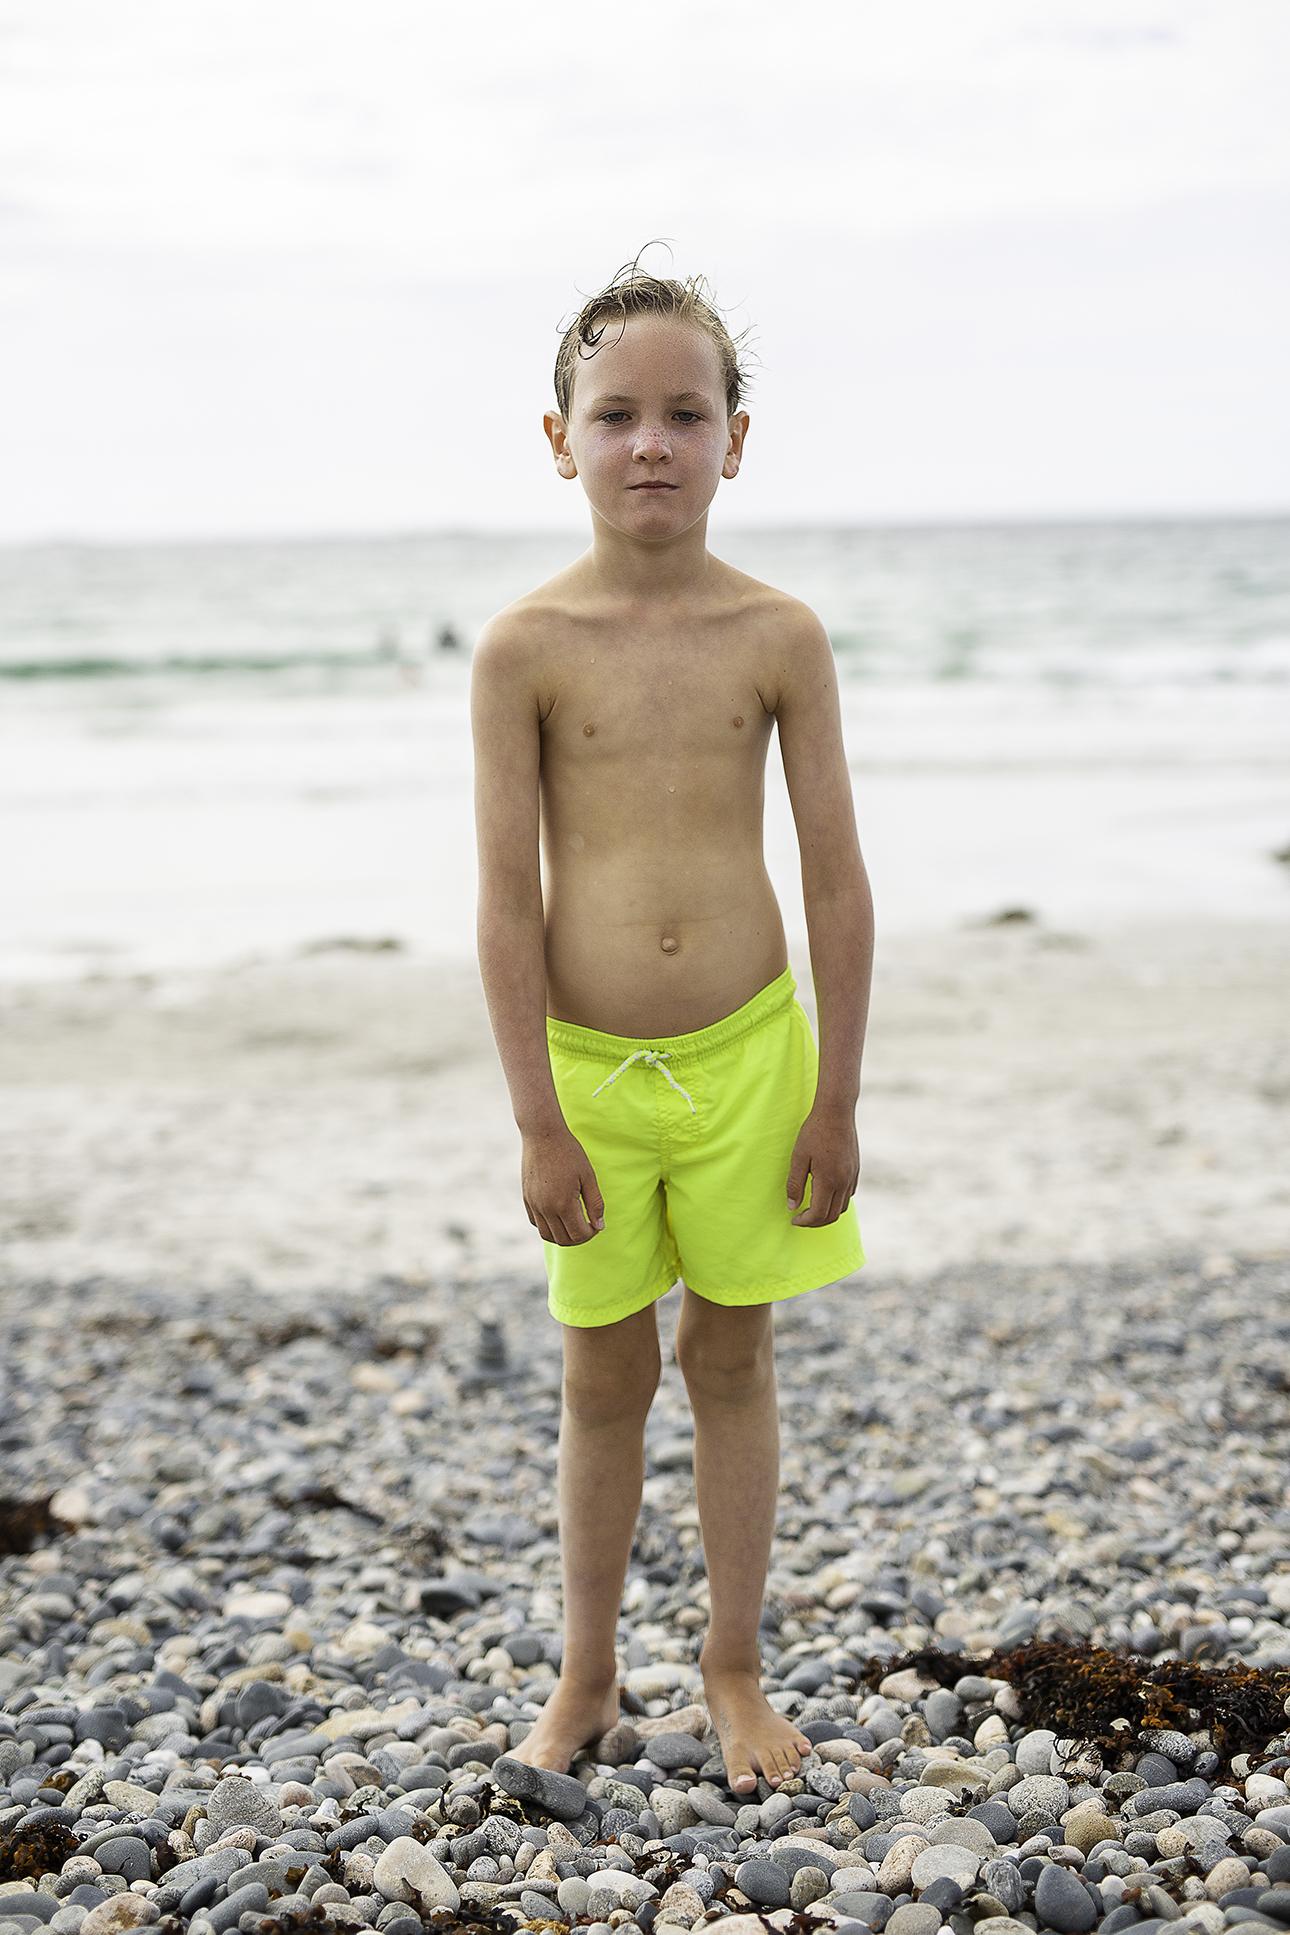 Louis_beach.jpg